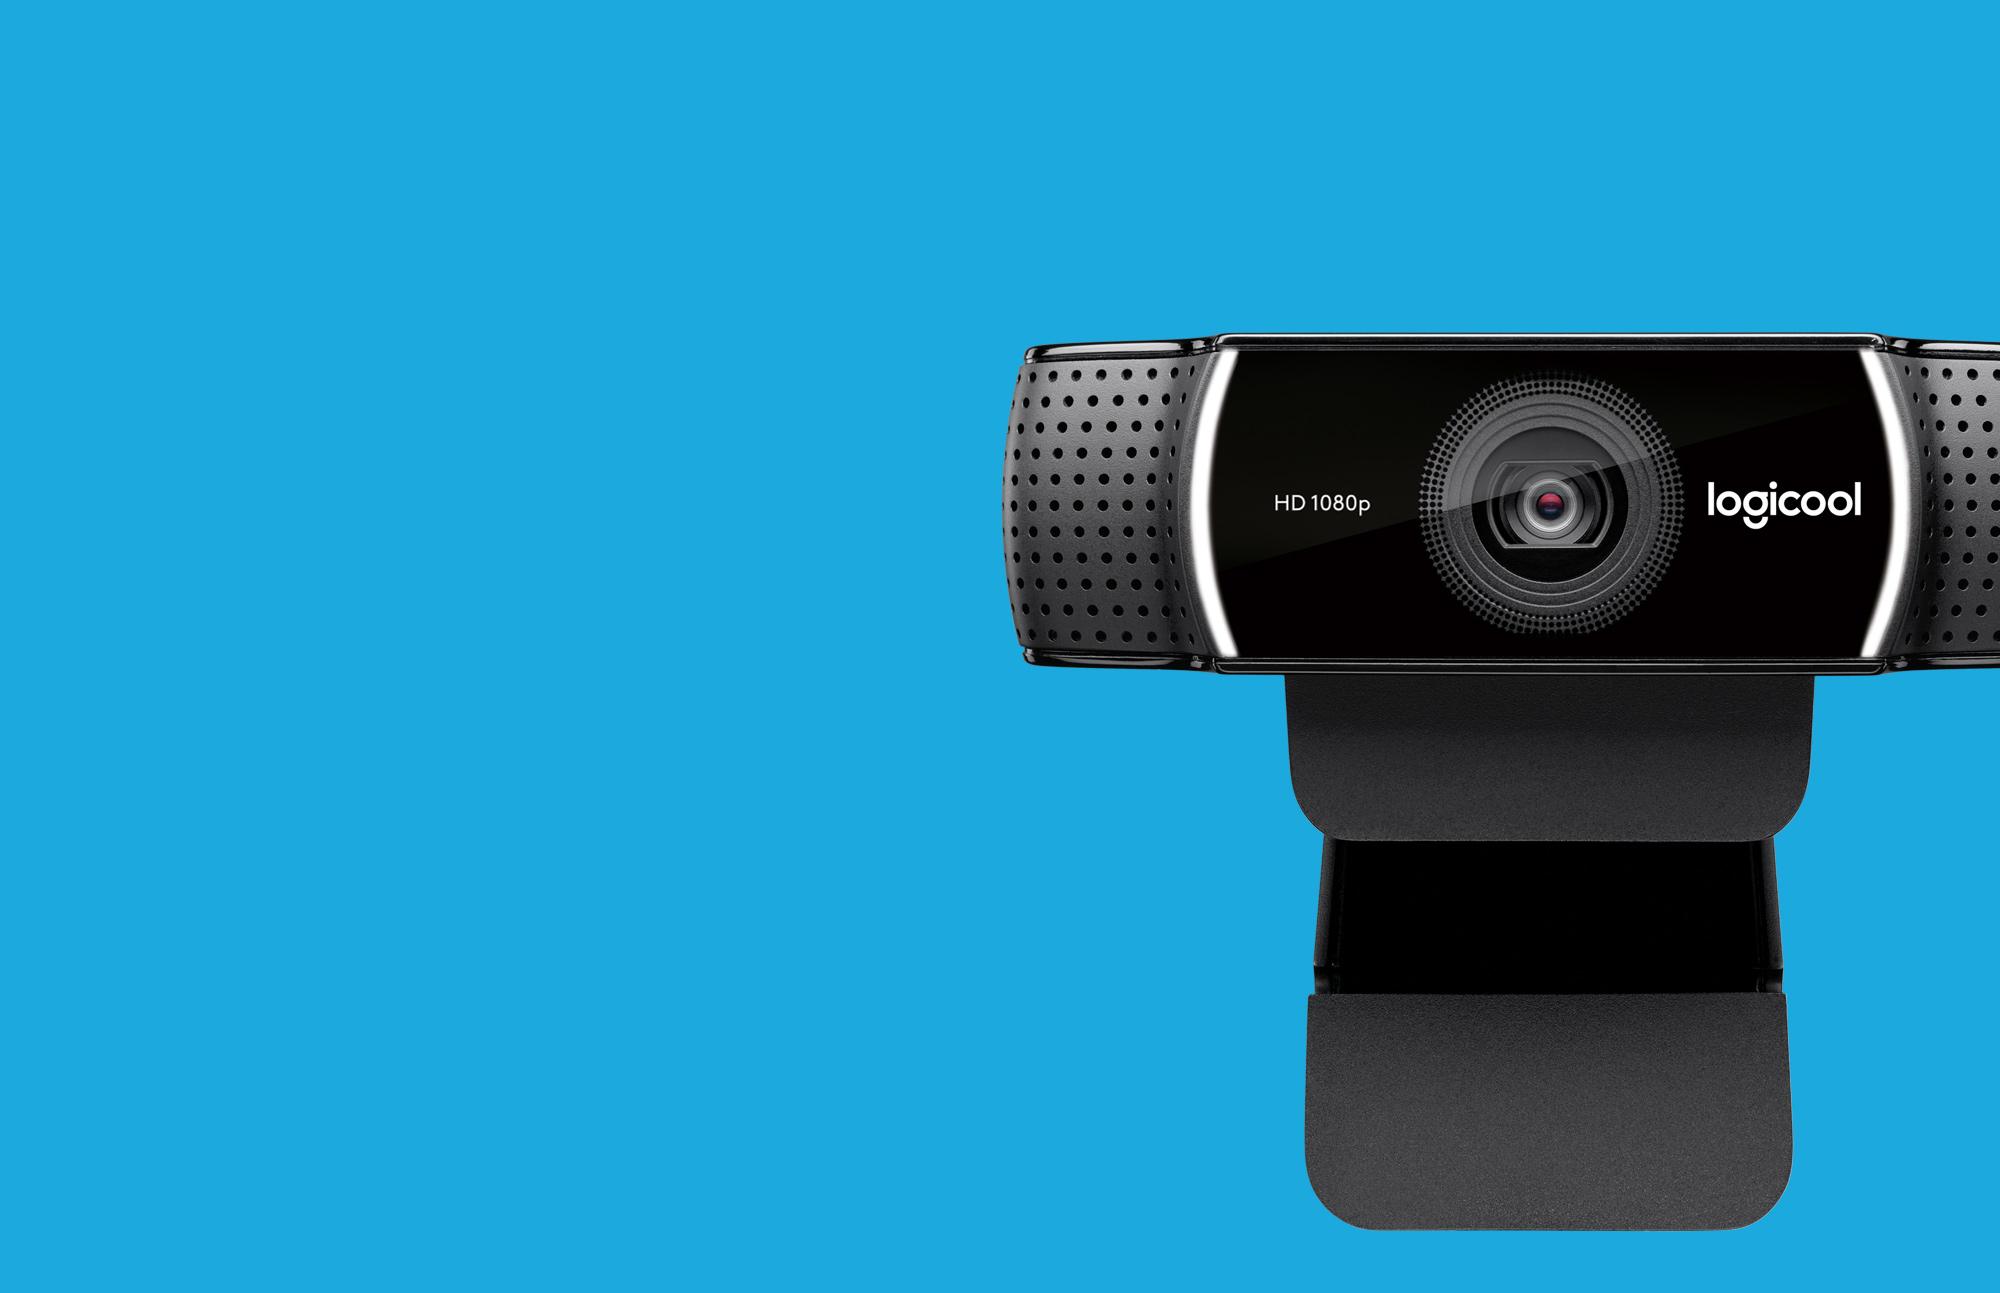 フルHD 1080p (30fps) <BR>720p(60fps) ストリーミング